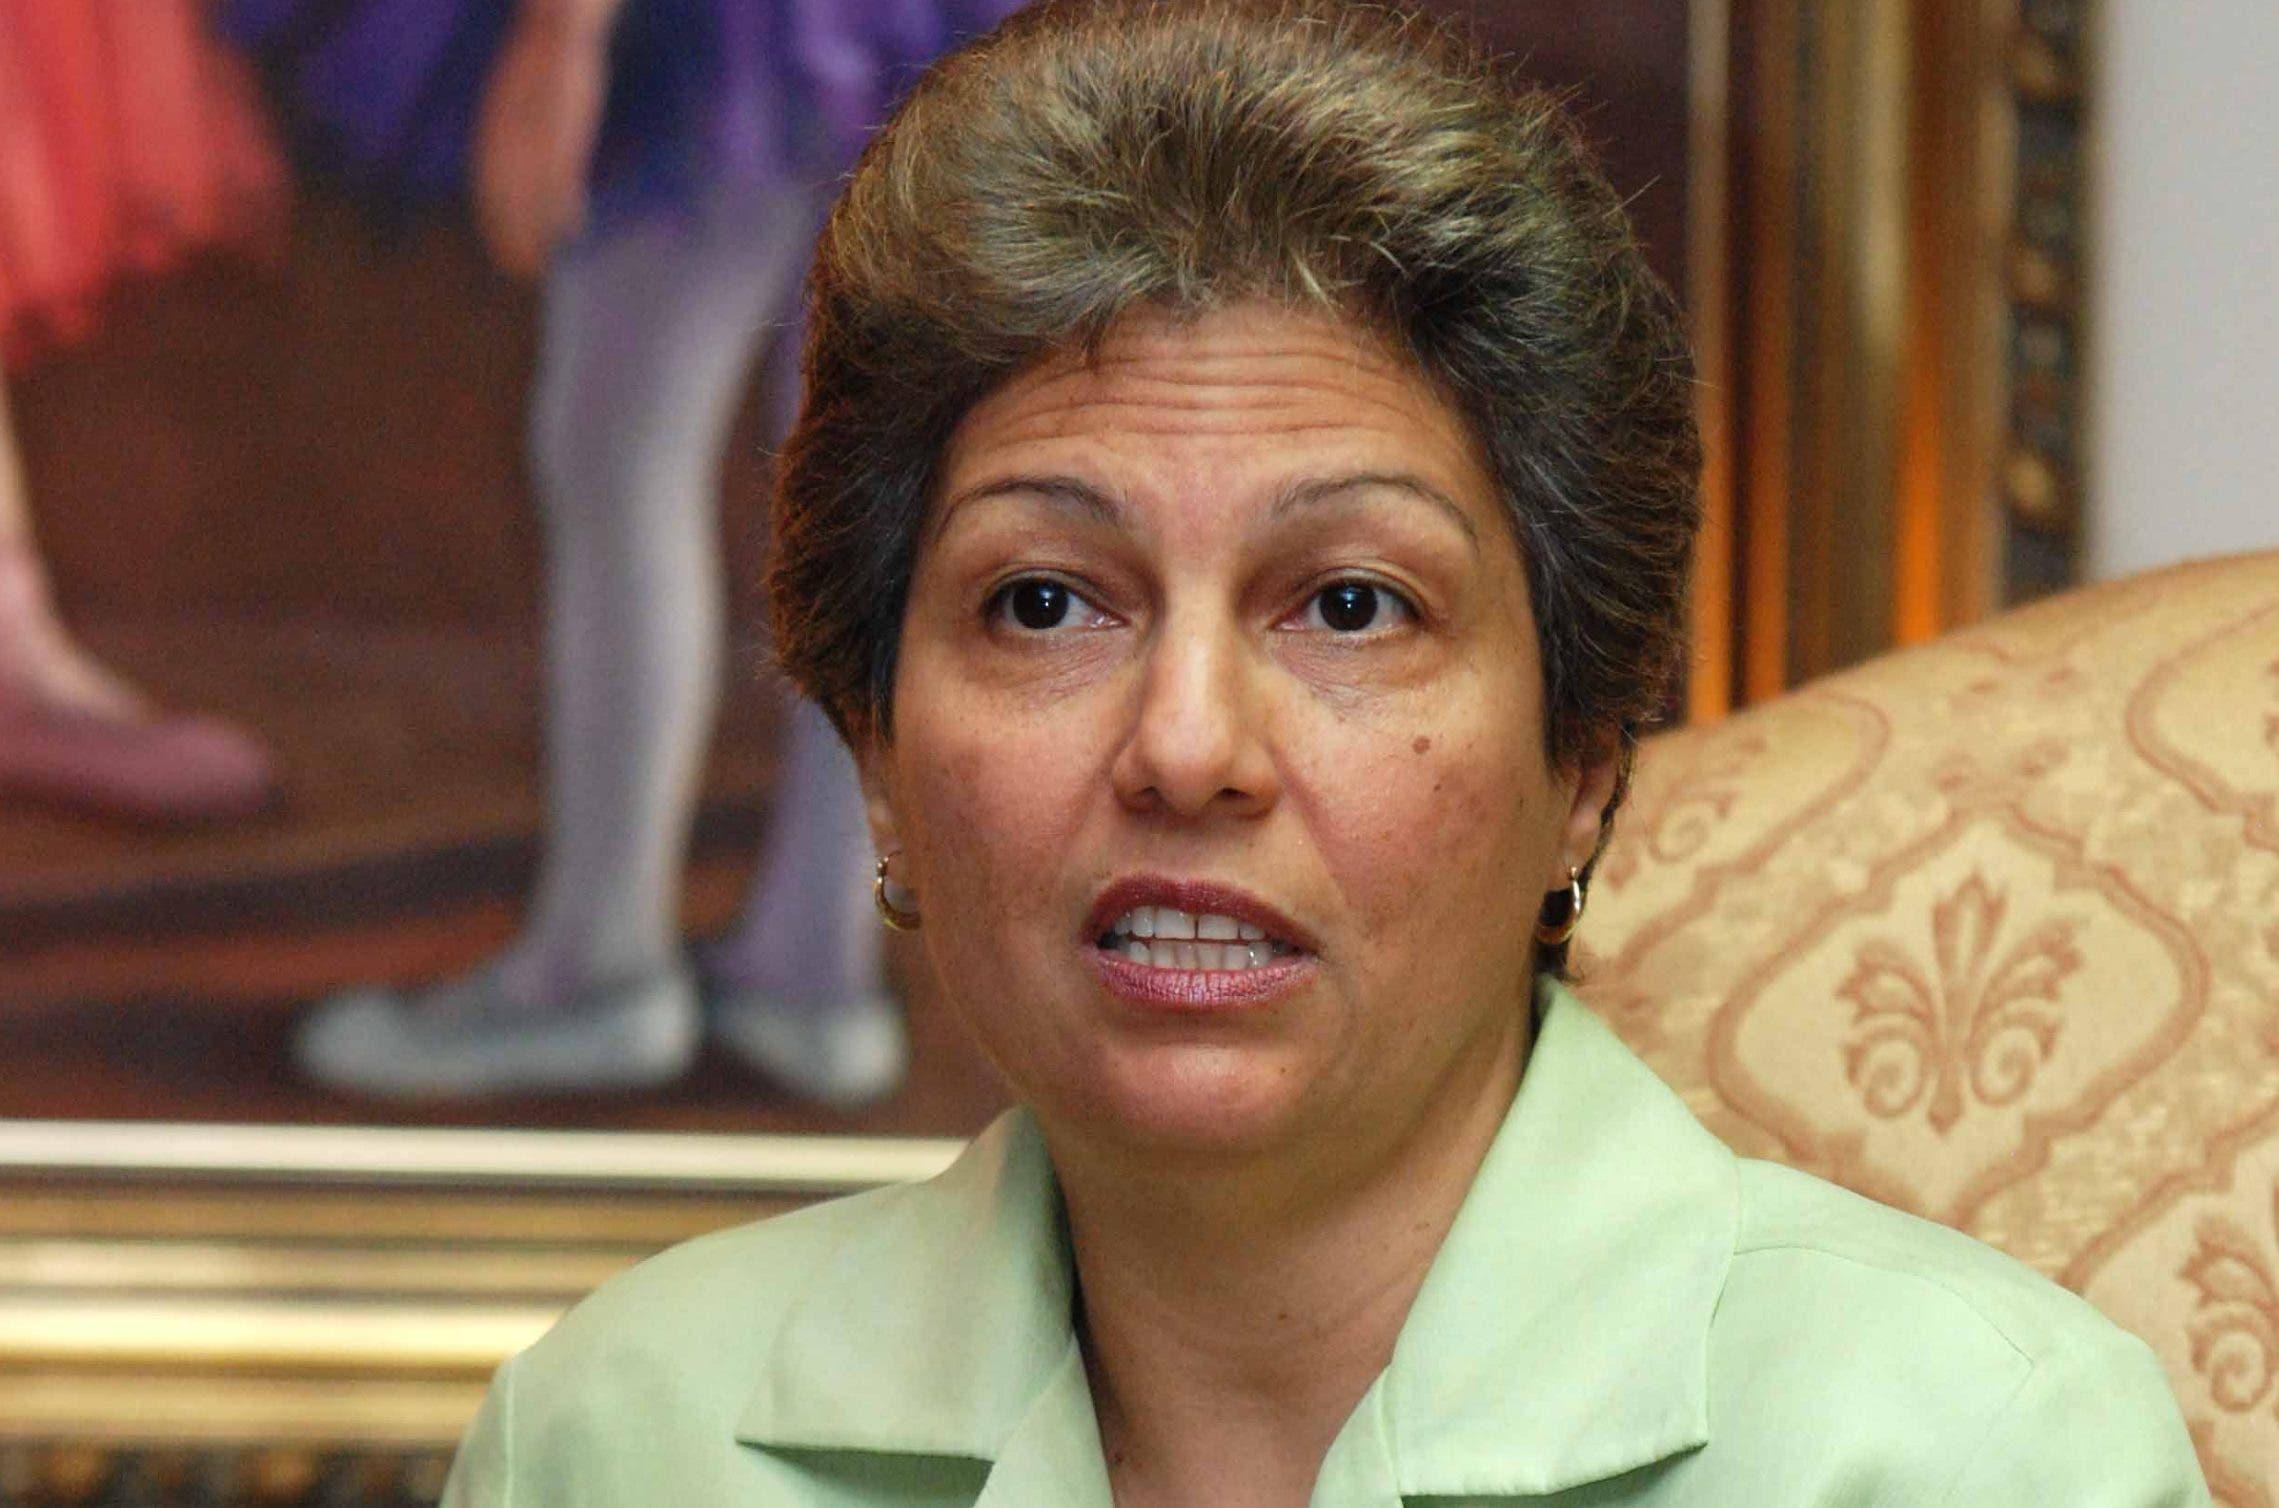 Los factores que dificultan una segunda vuelta electoral, de acuerdo a Rosario Espinal